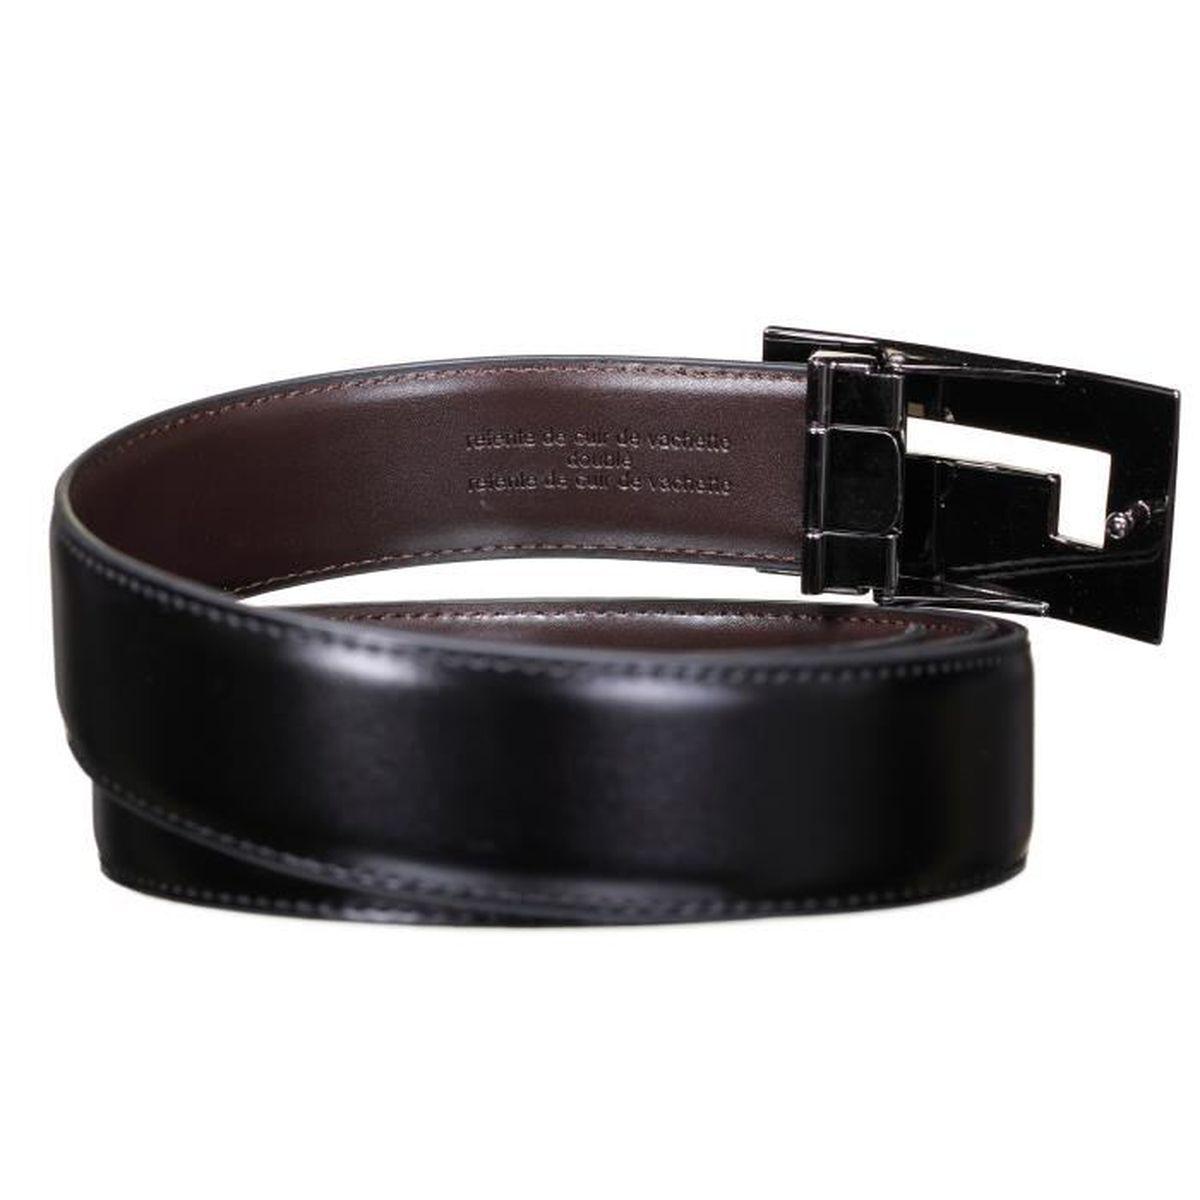 Ceinture Rochas CRO 19 Reversible Noir Marron - Achat   Vente ceinture et  boucle 3700800002651 - Cdiscount 648f2074dab